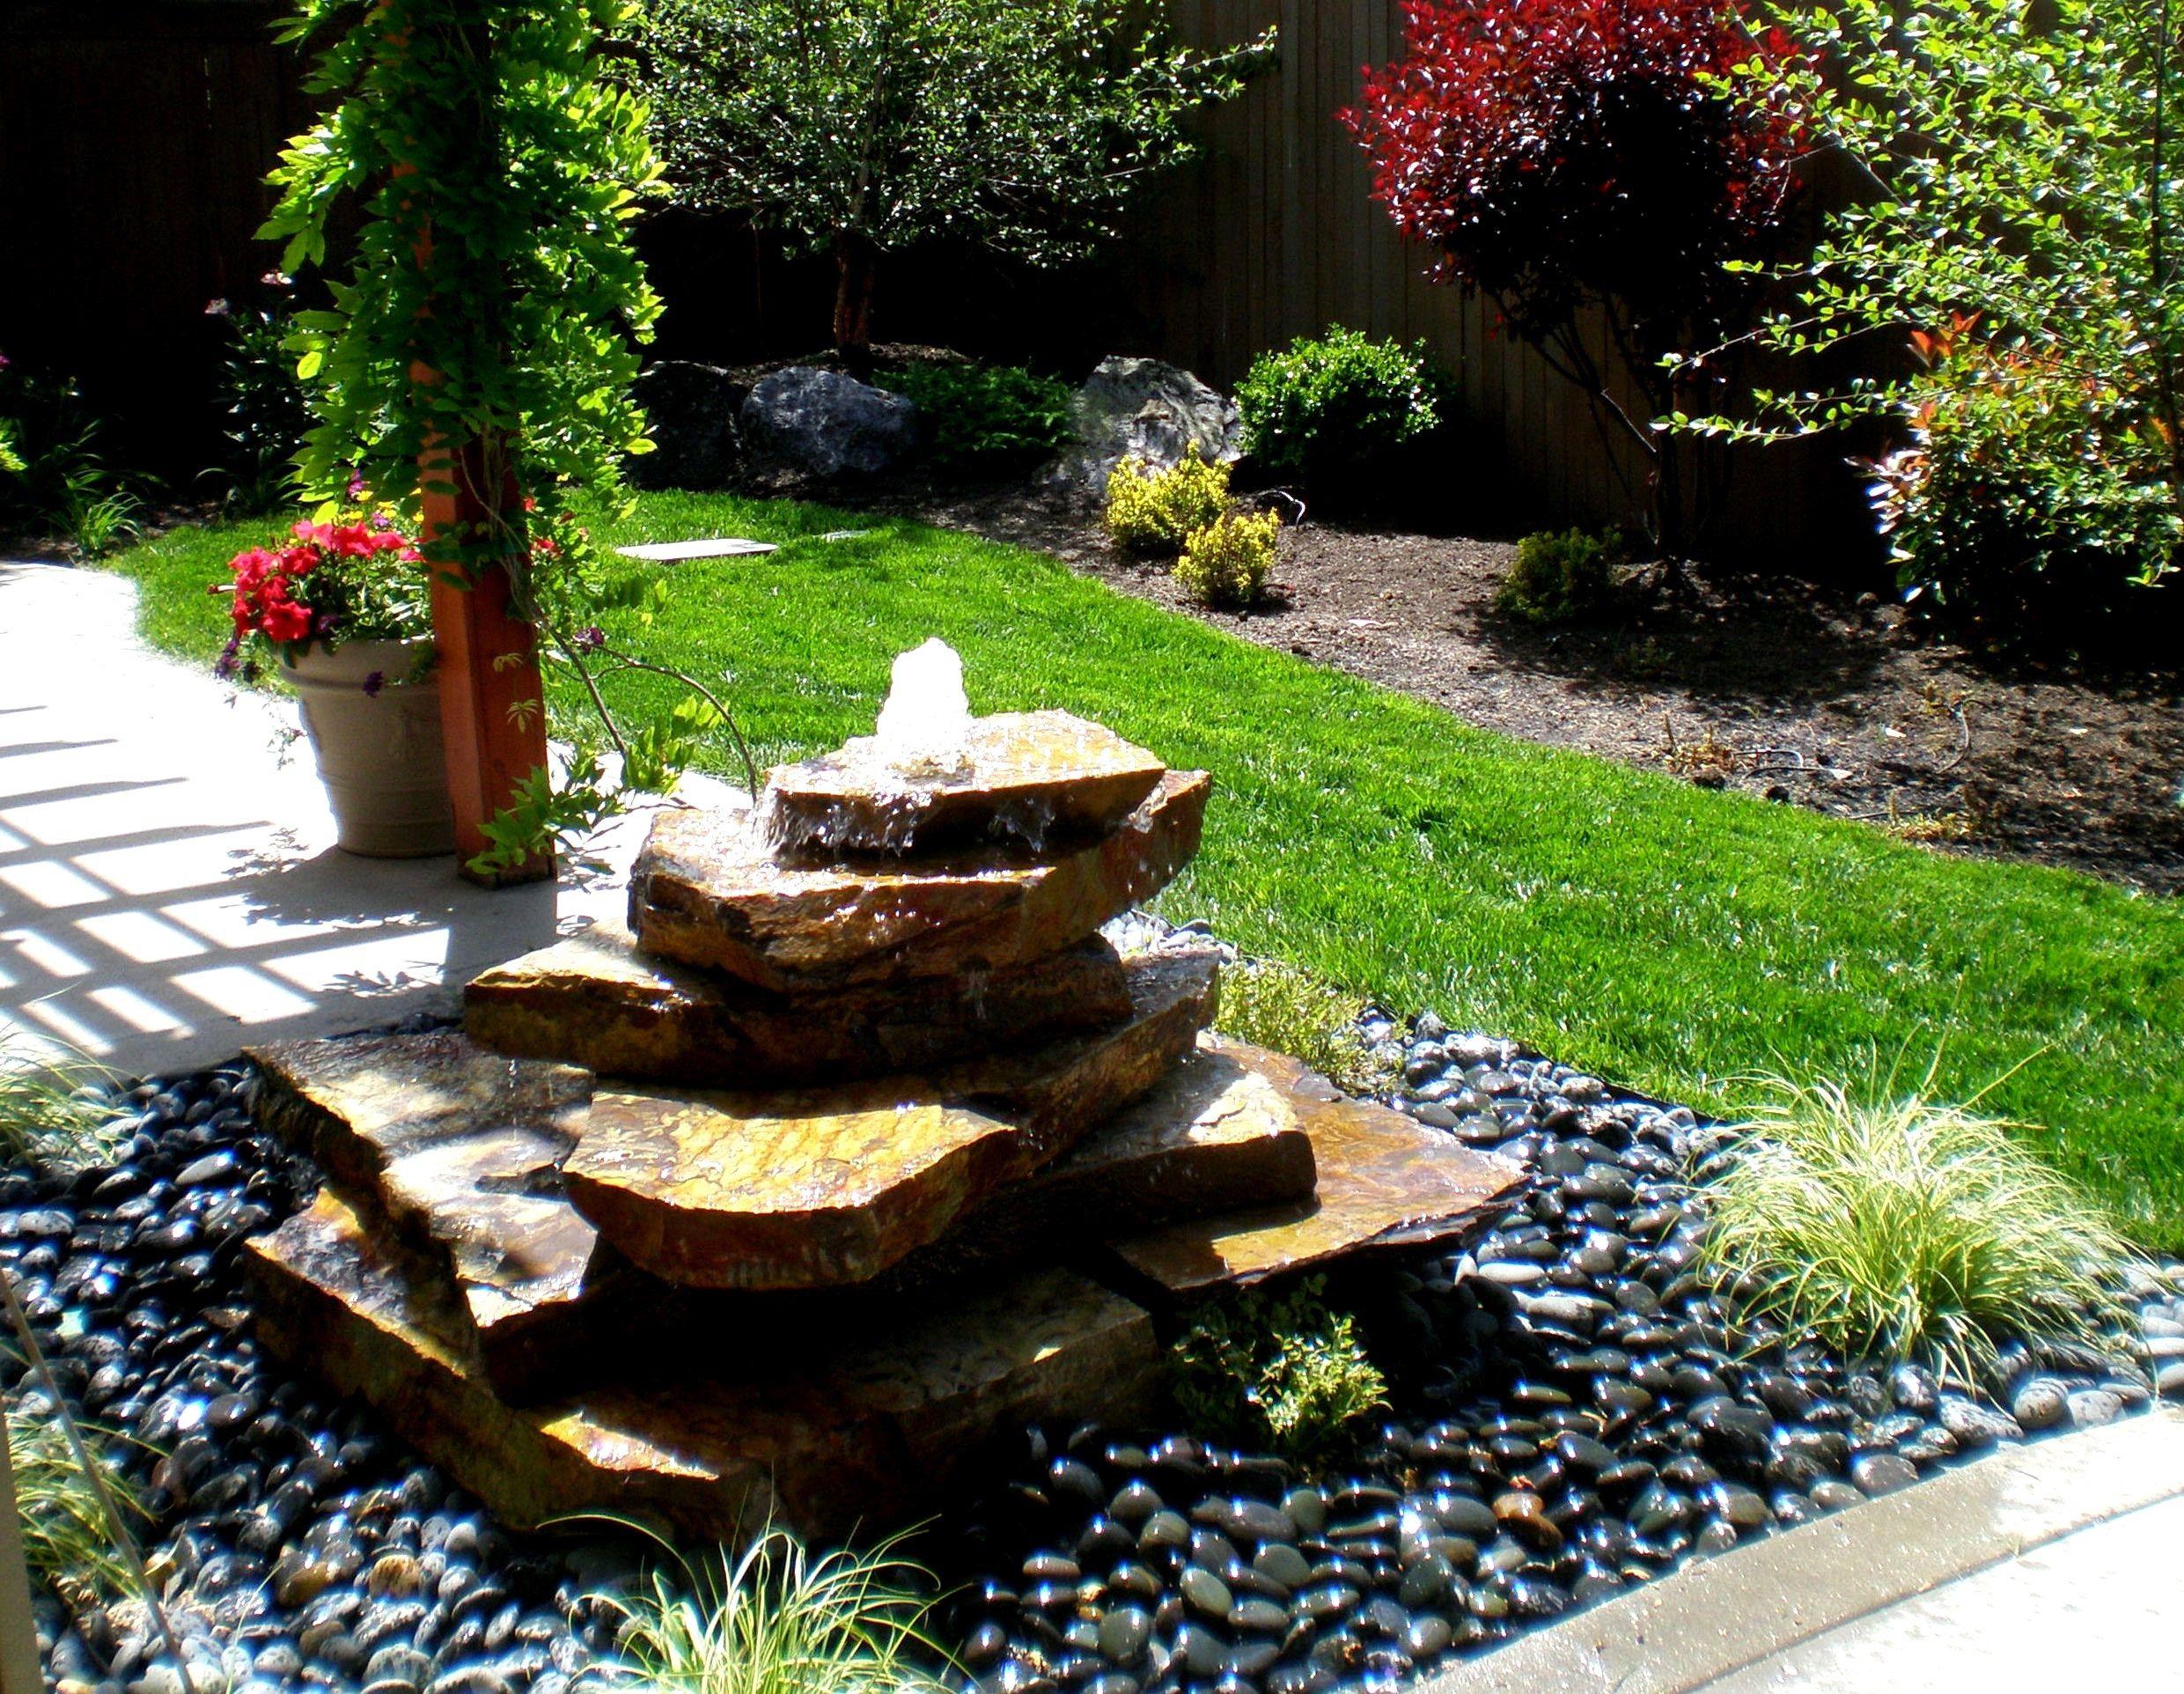 Artistic Garden Fountain Ideas Solar Water Fountain Ideas Outdoor Throughout Garden Water Fountains Ideas Water Fountains Outdoor Garden Water Fountains Backyard Water Fountains